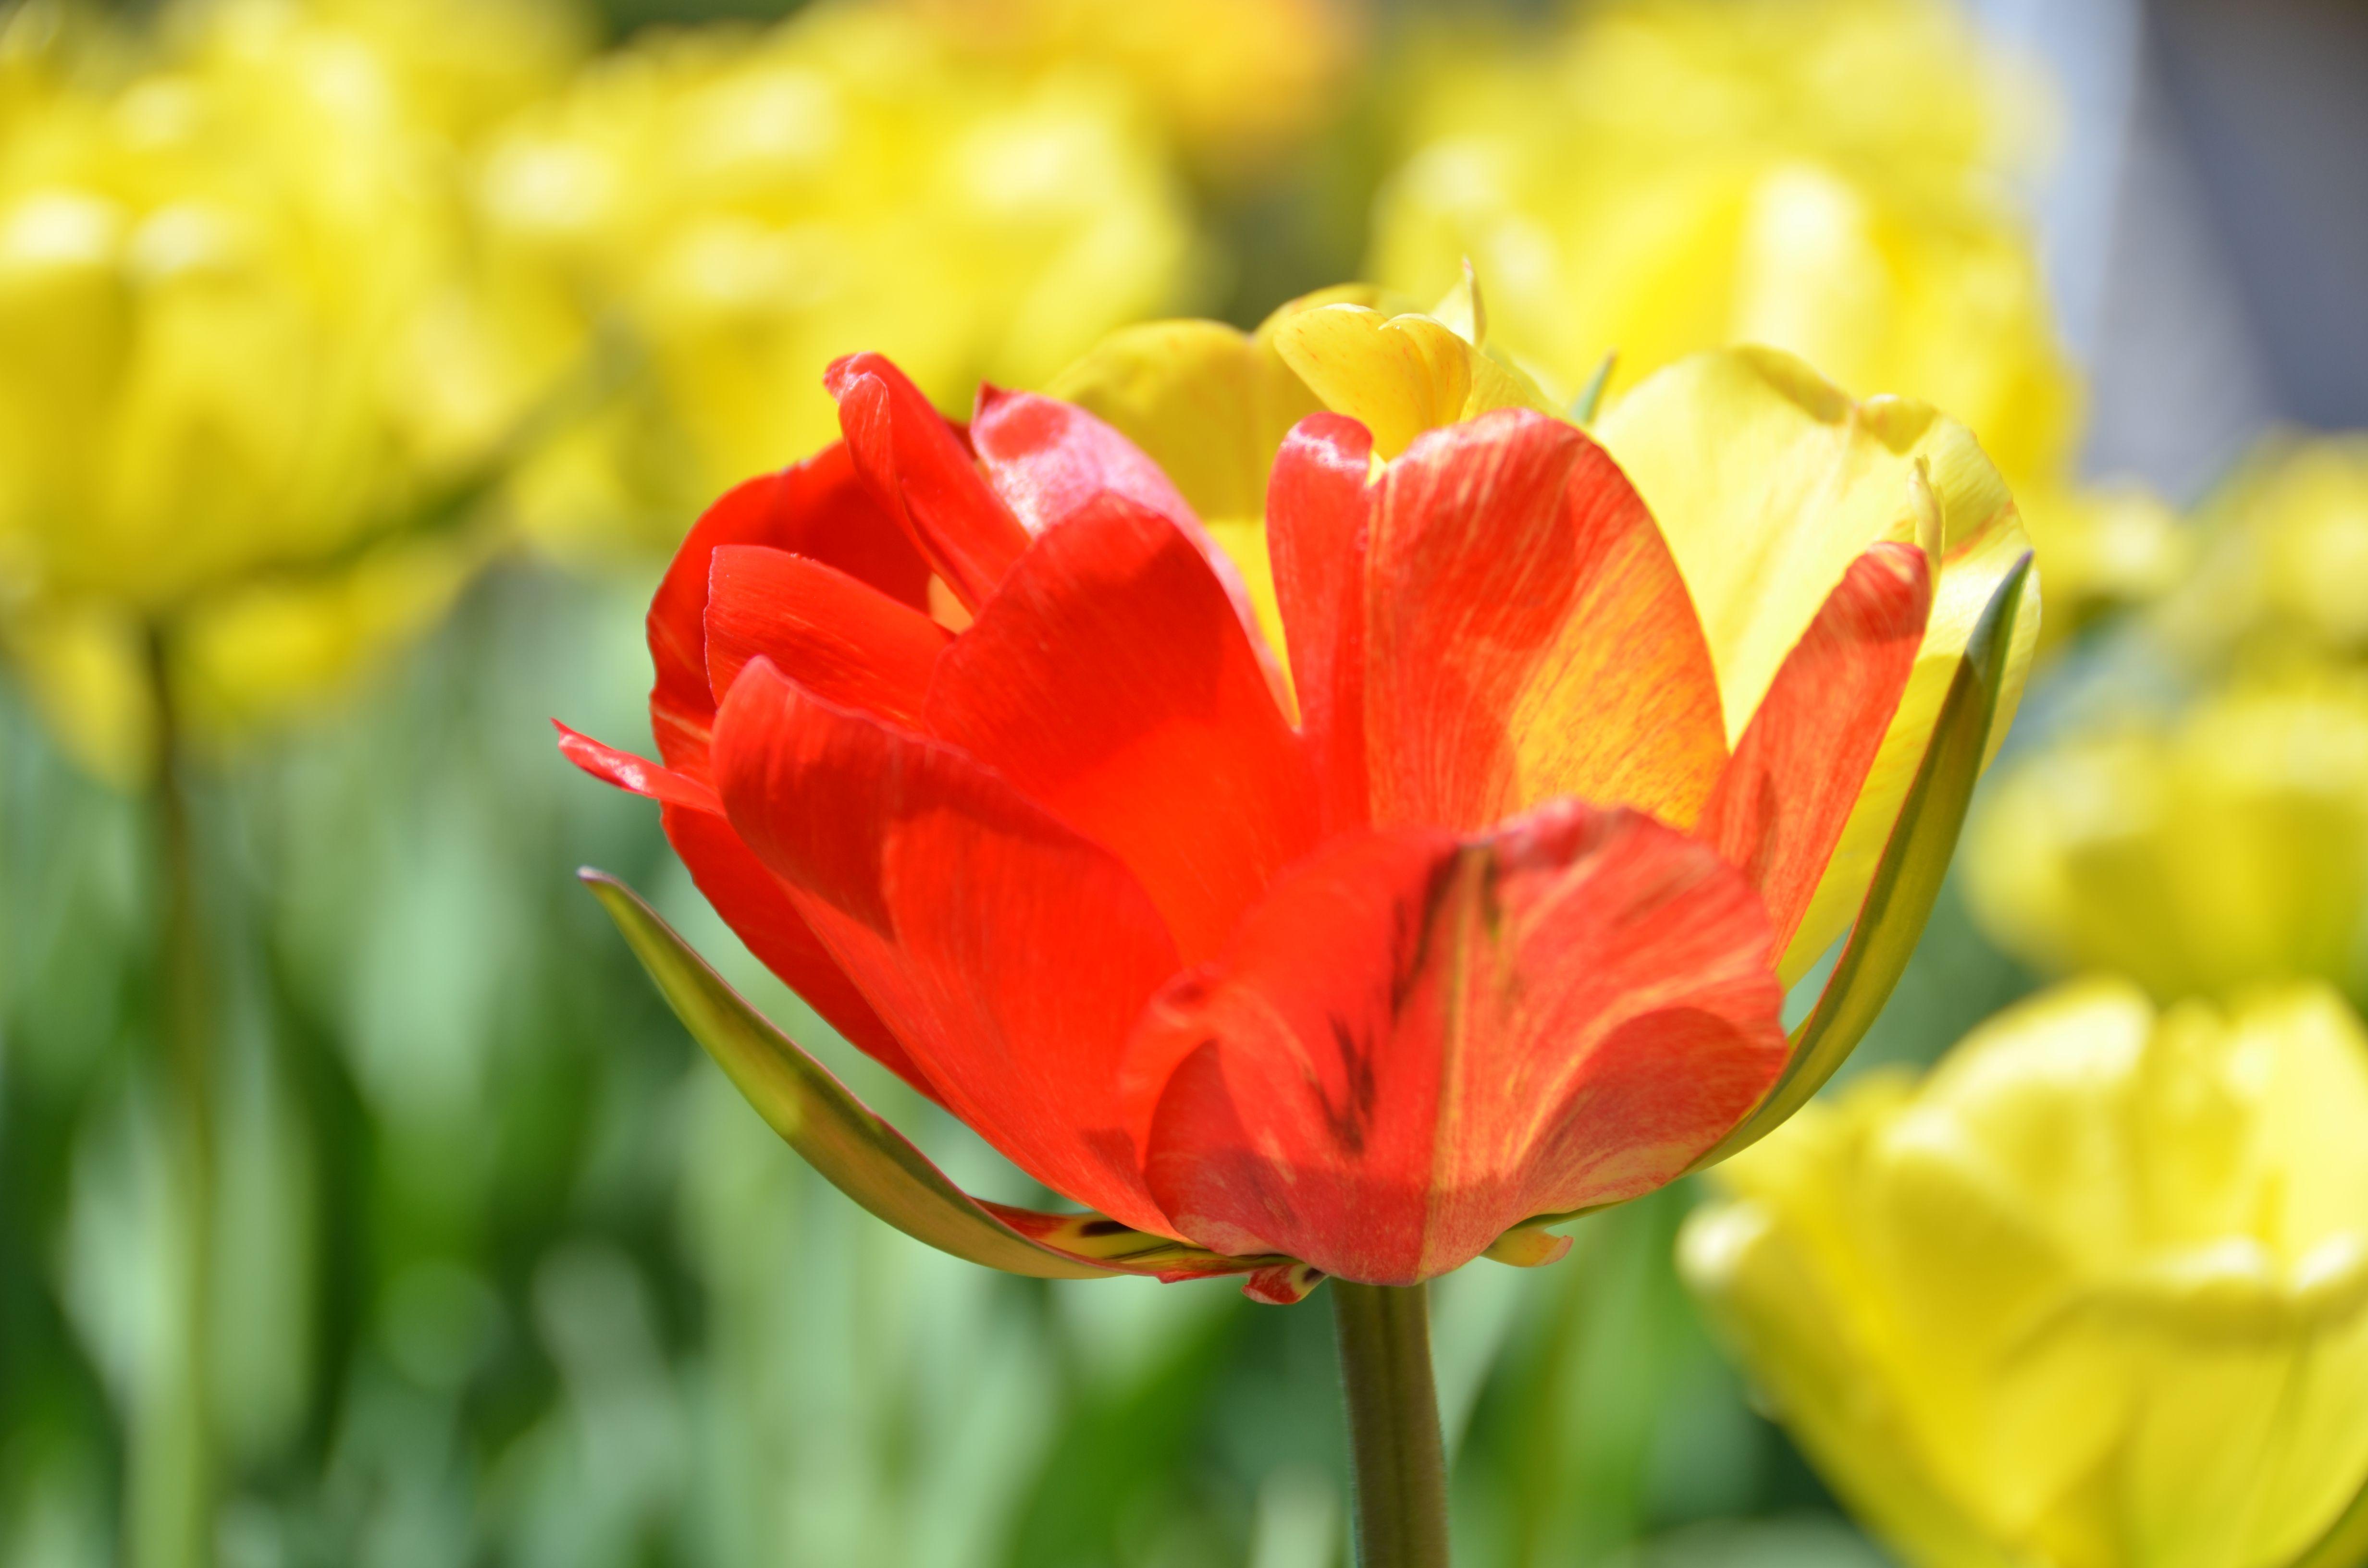 Bi Color Tuplia Akebono Double Late Tulip At Coastal Maine Botanical Gardens Botanical Gardens Tulips Botanical